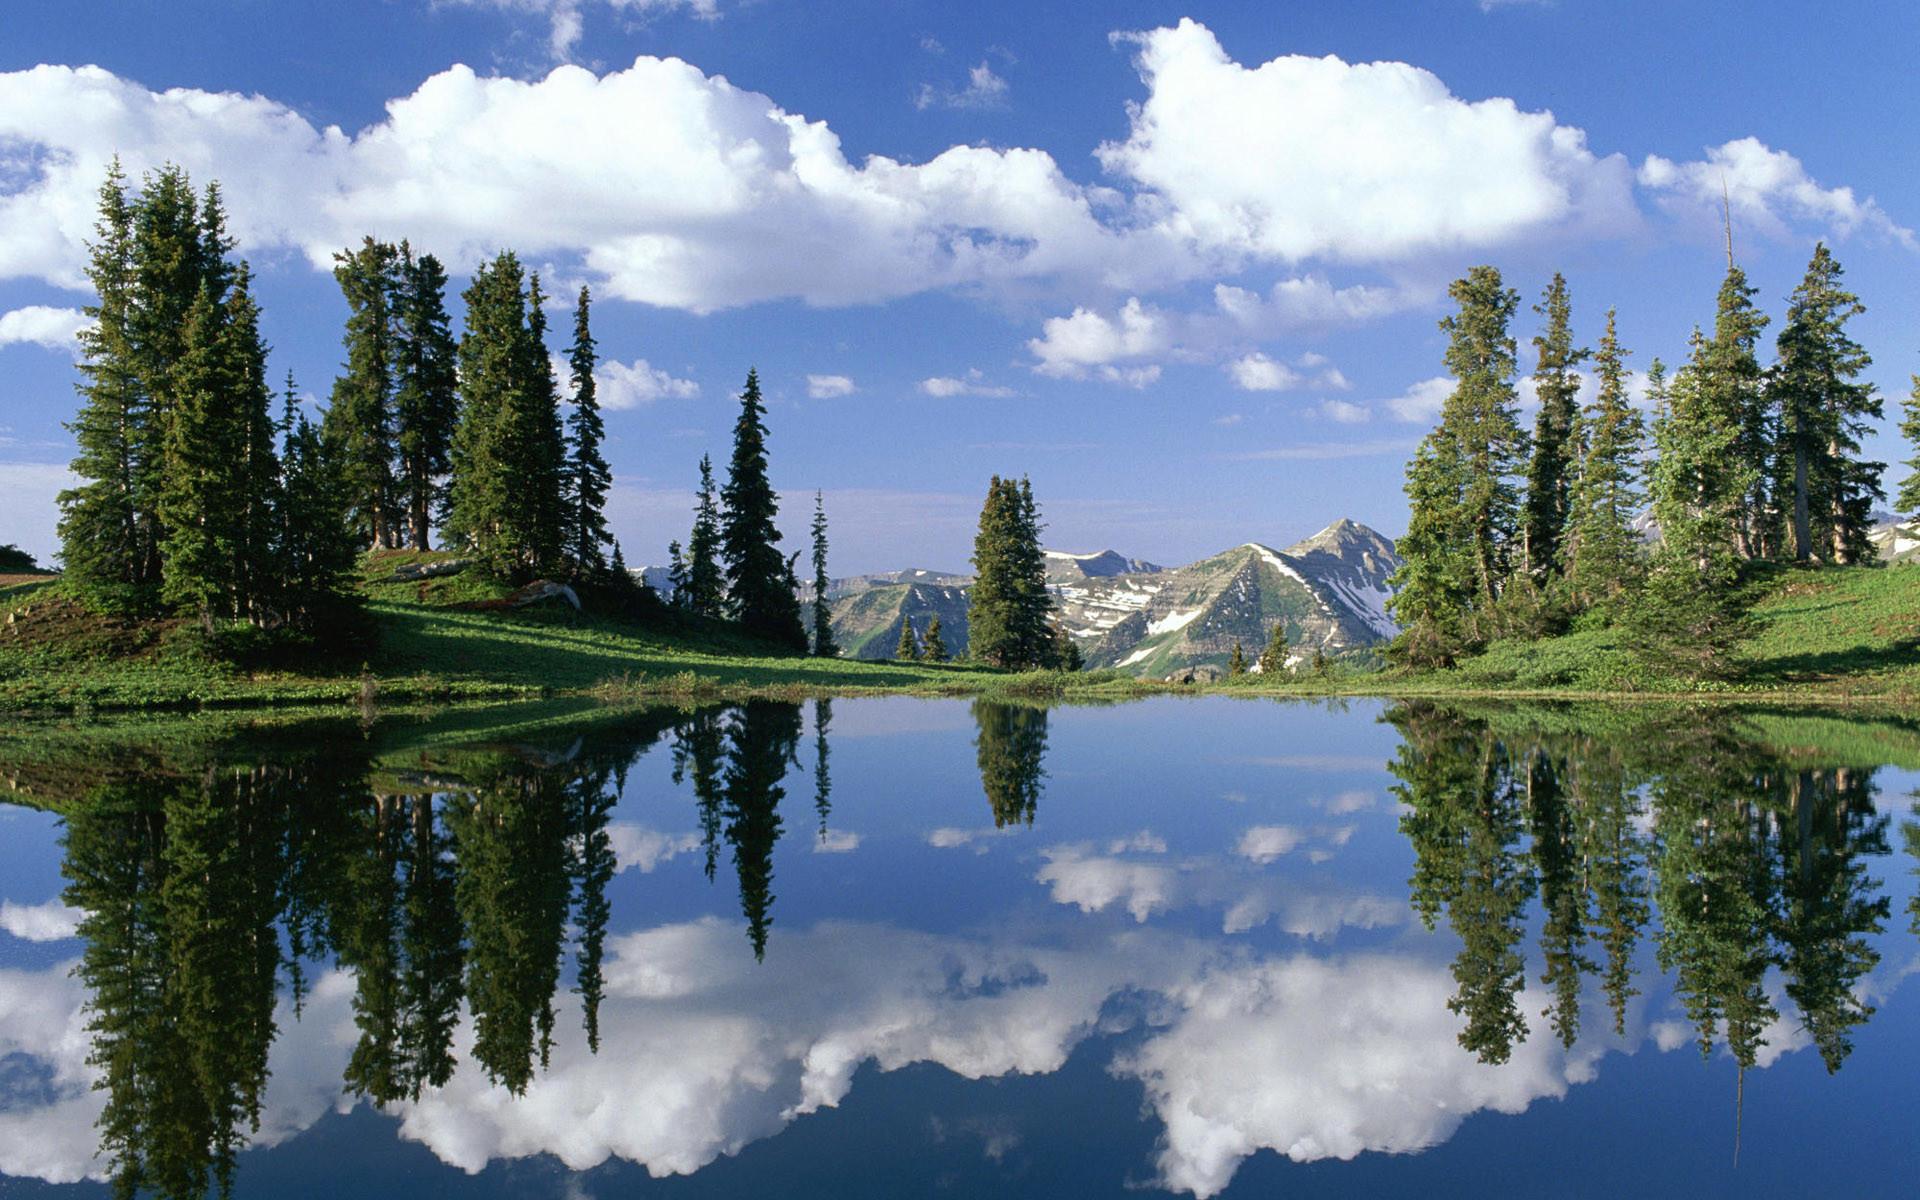 Sfondi paesaggi 62 immagini for Immagini natura hd